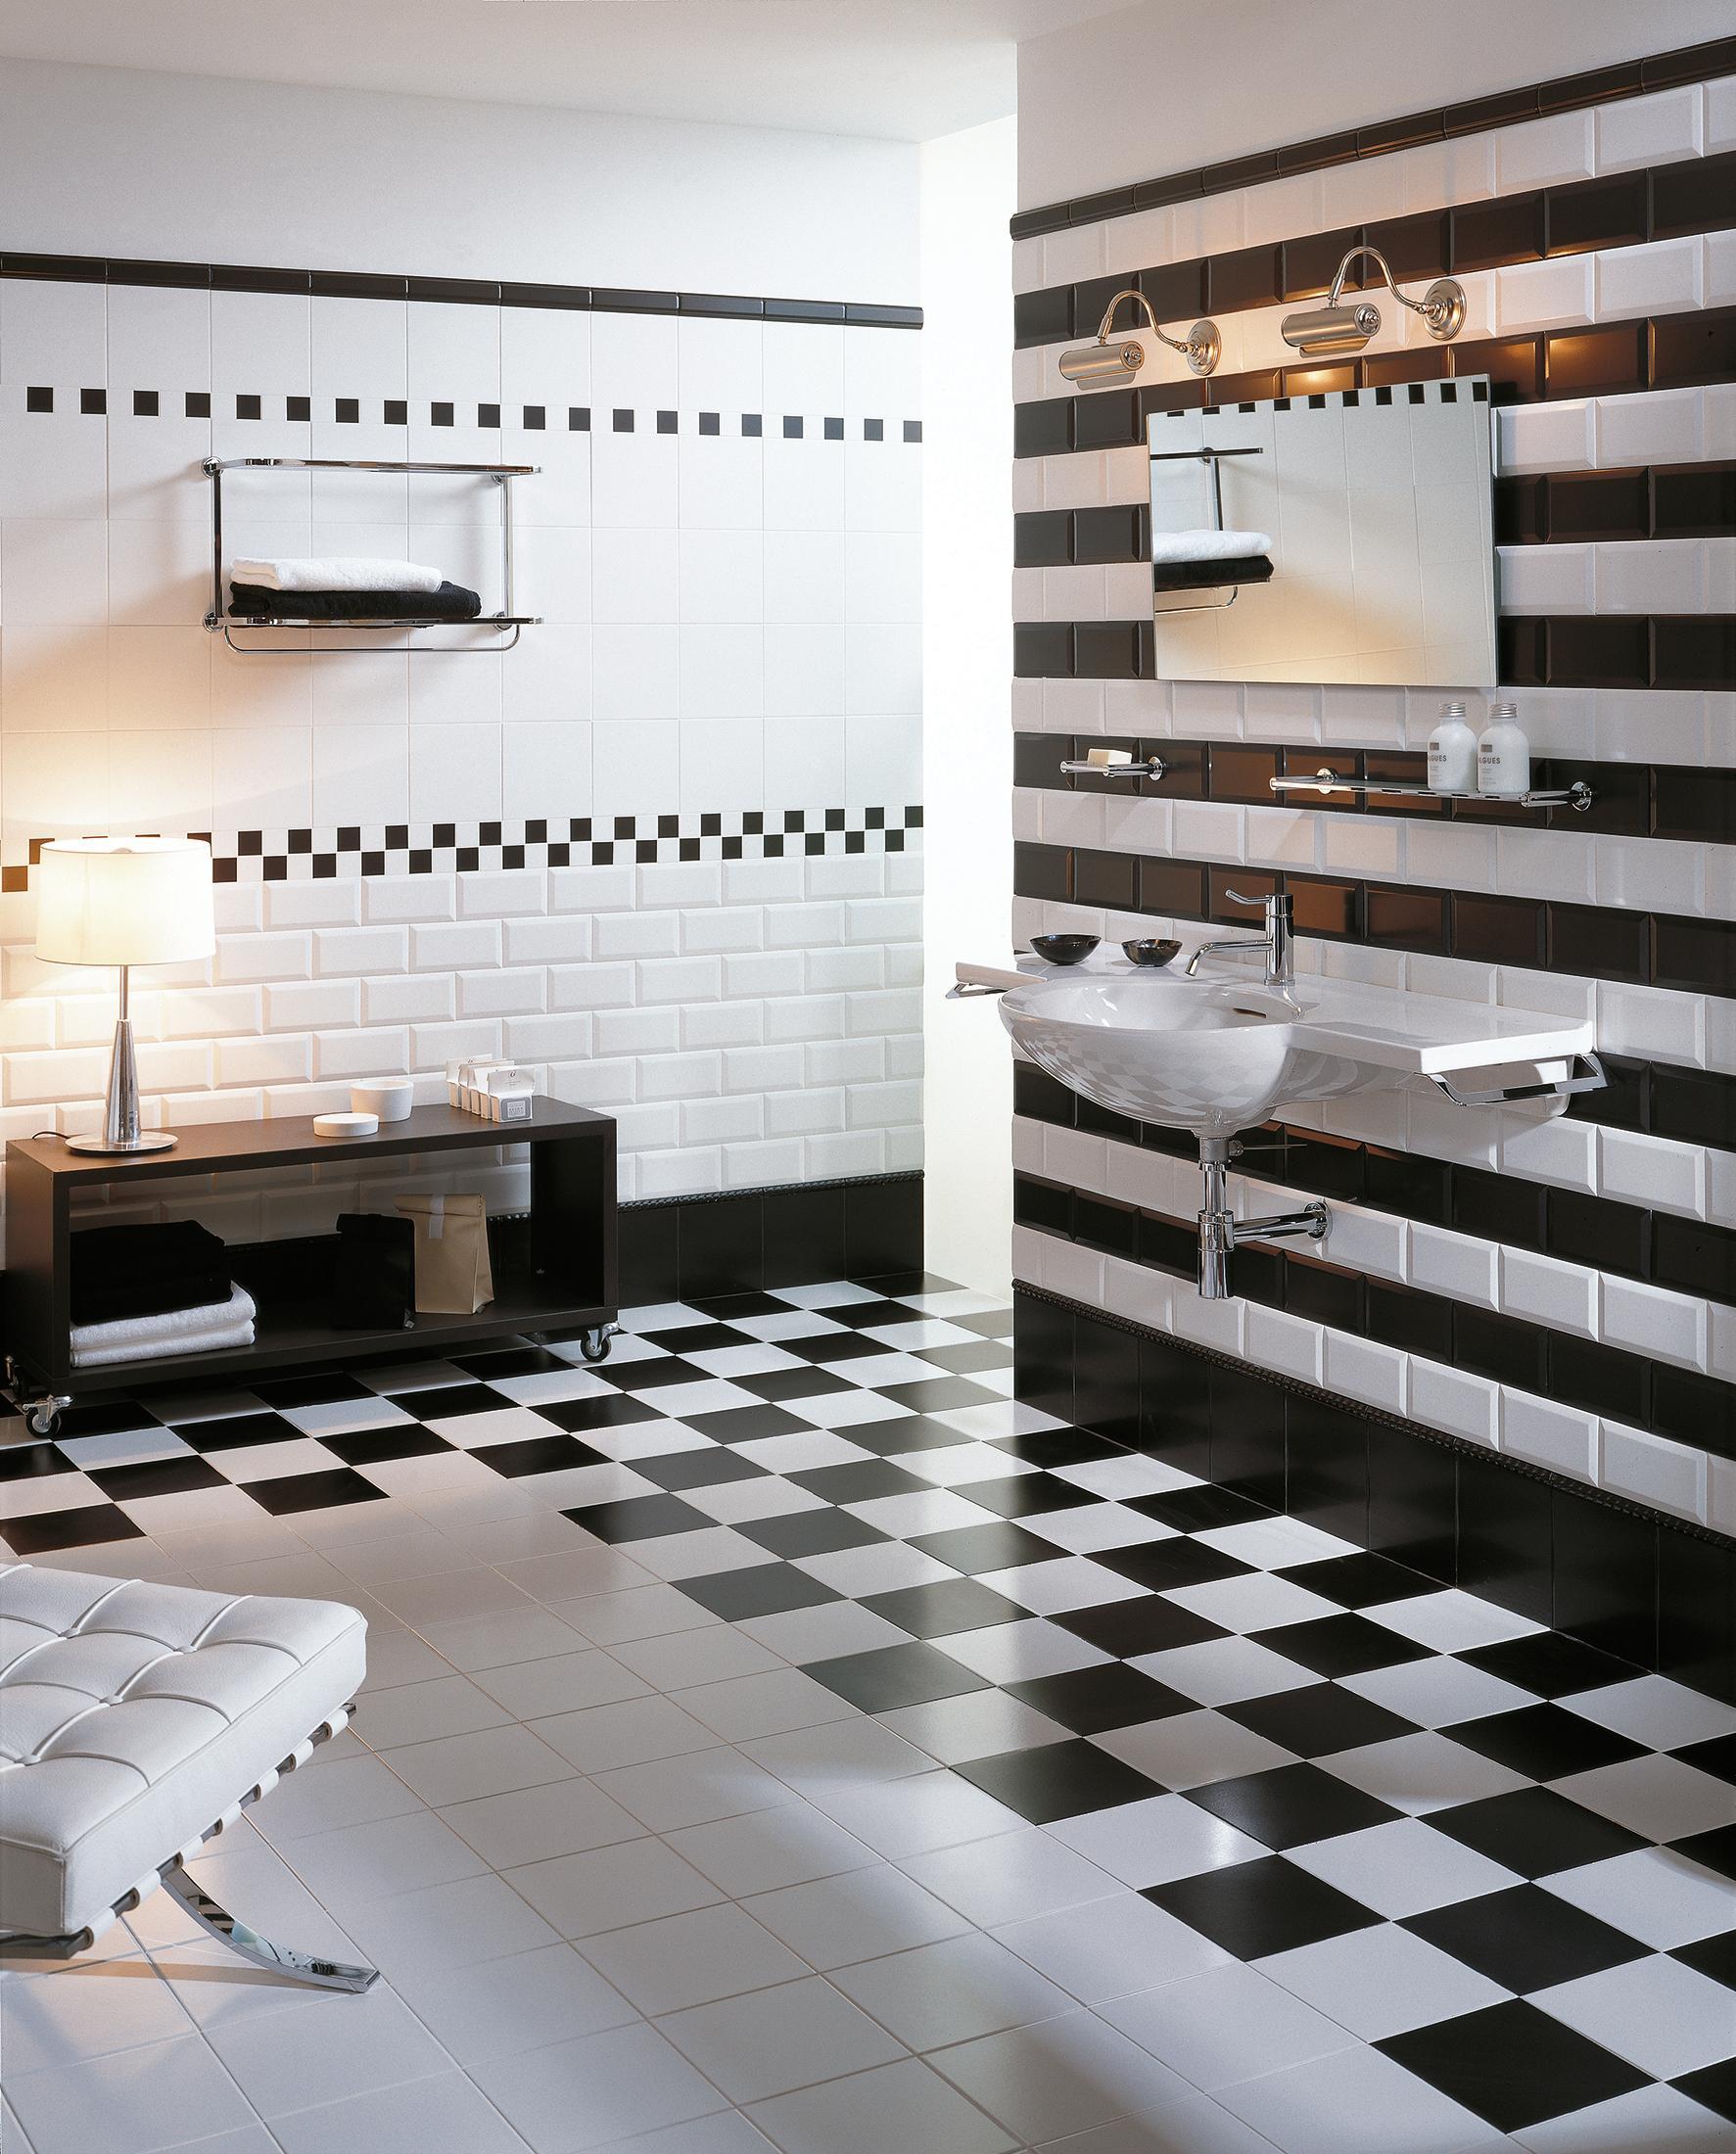 Schwarz Weiß Look Im Badezimmer #hocker #wandregal #waschbecken #sideboard  #wandspiegel